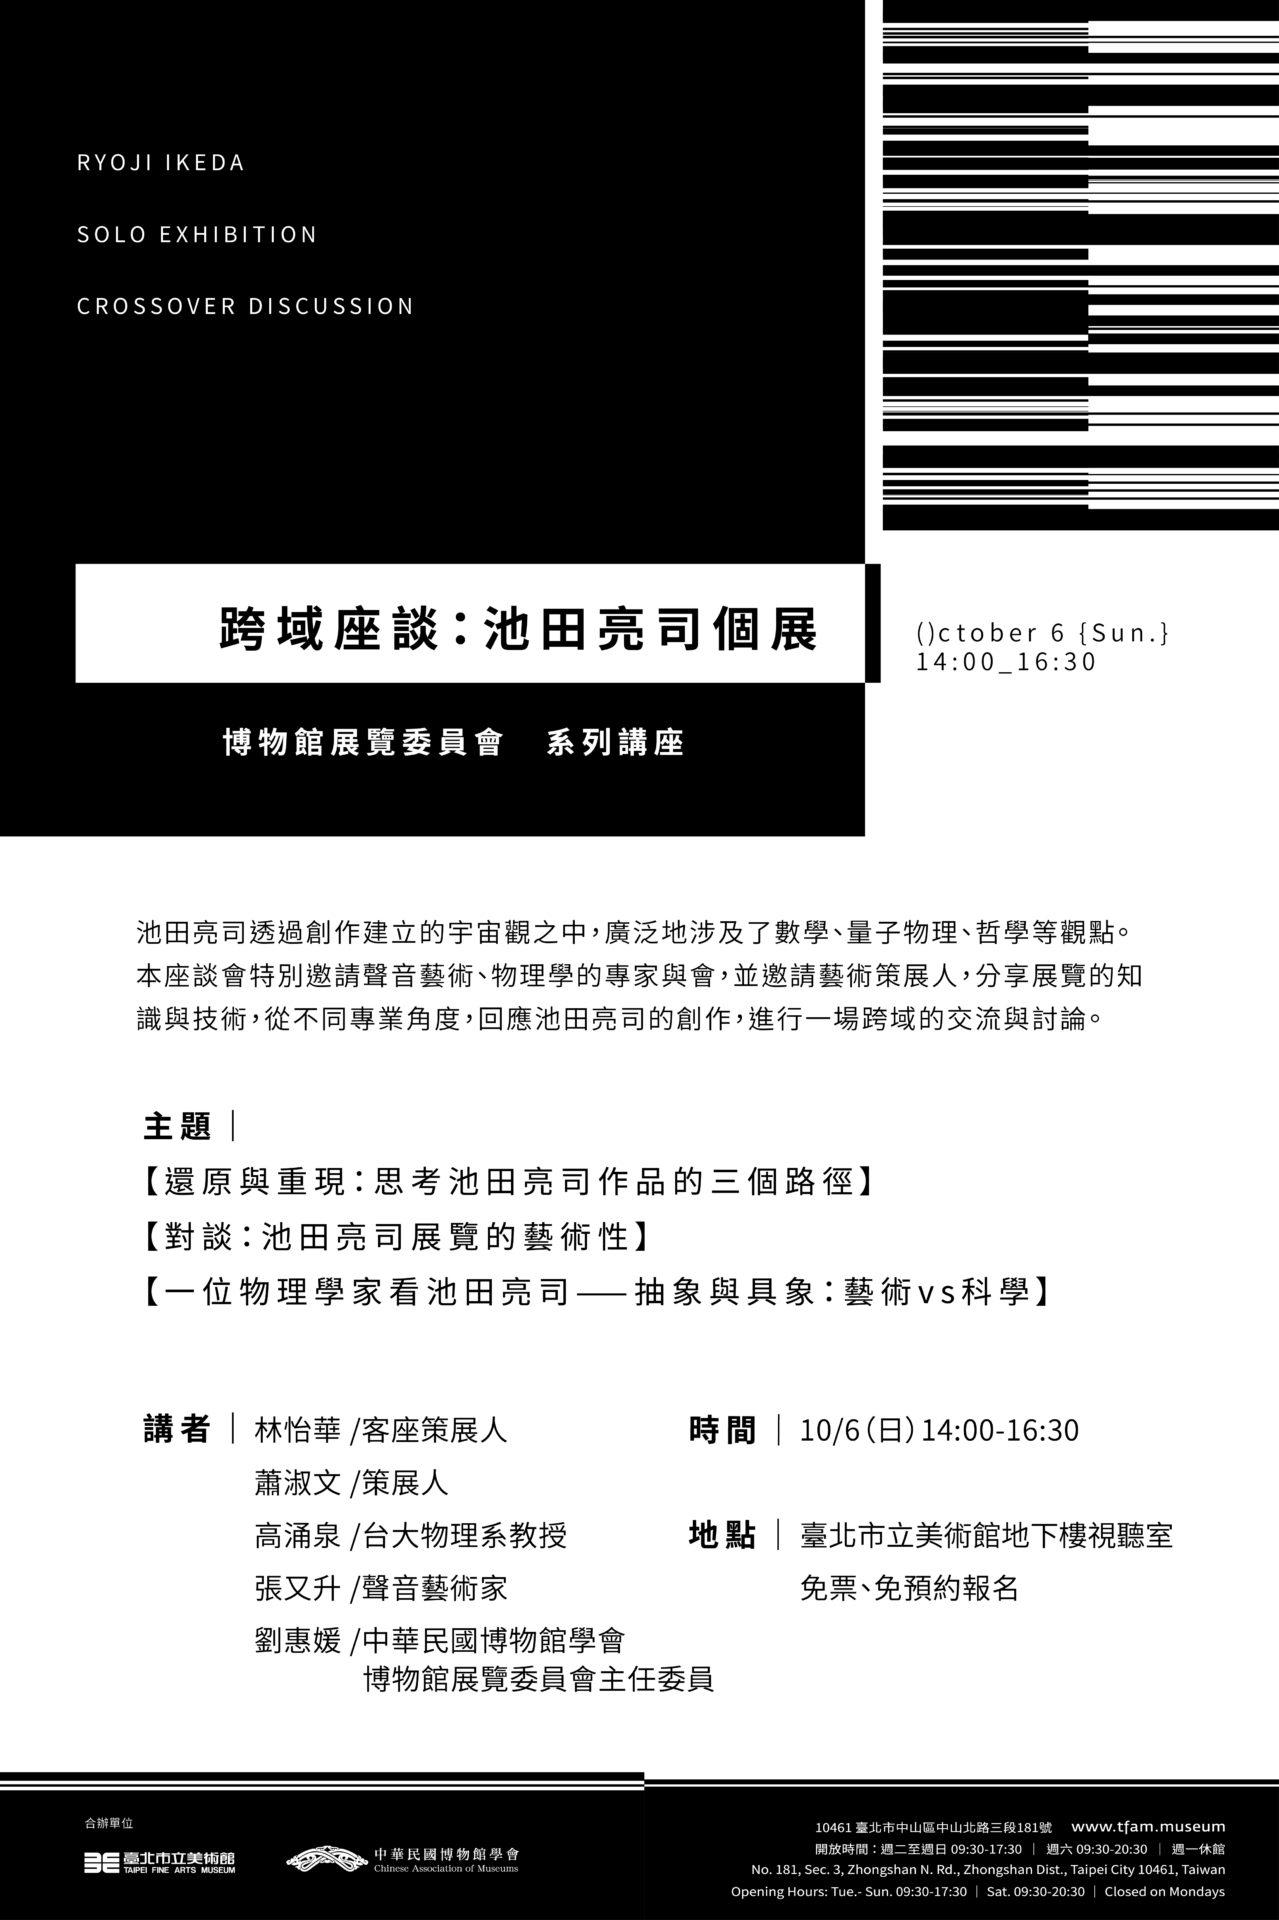 中華民國博物館學會博物館展覽委員會:2019/10/06【跨域座談:池田亮司個展】